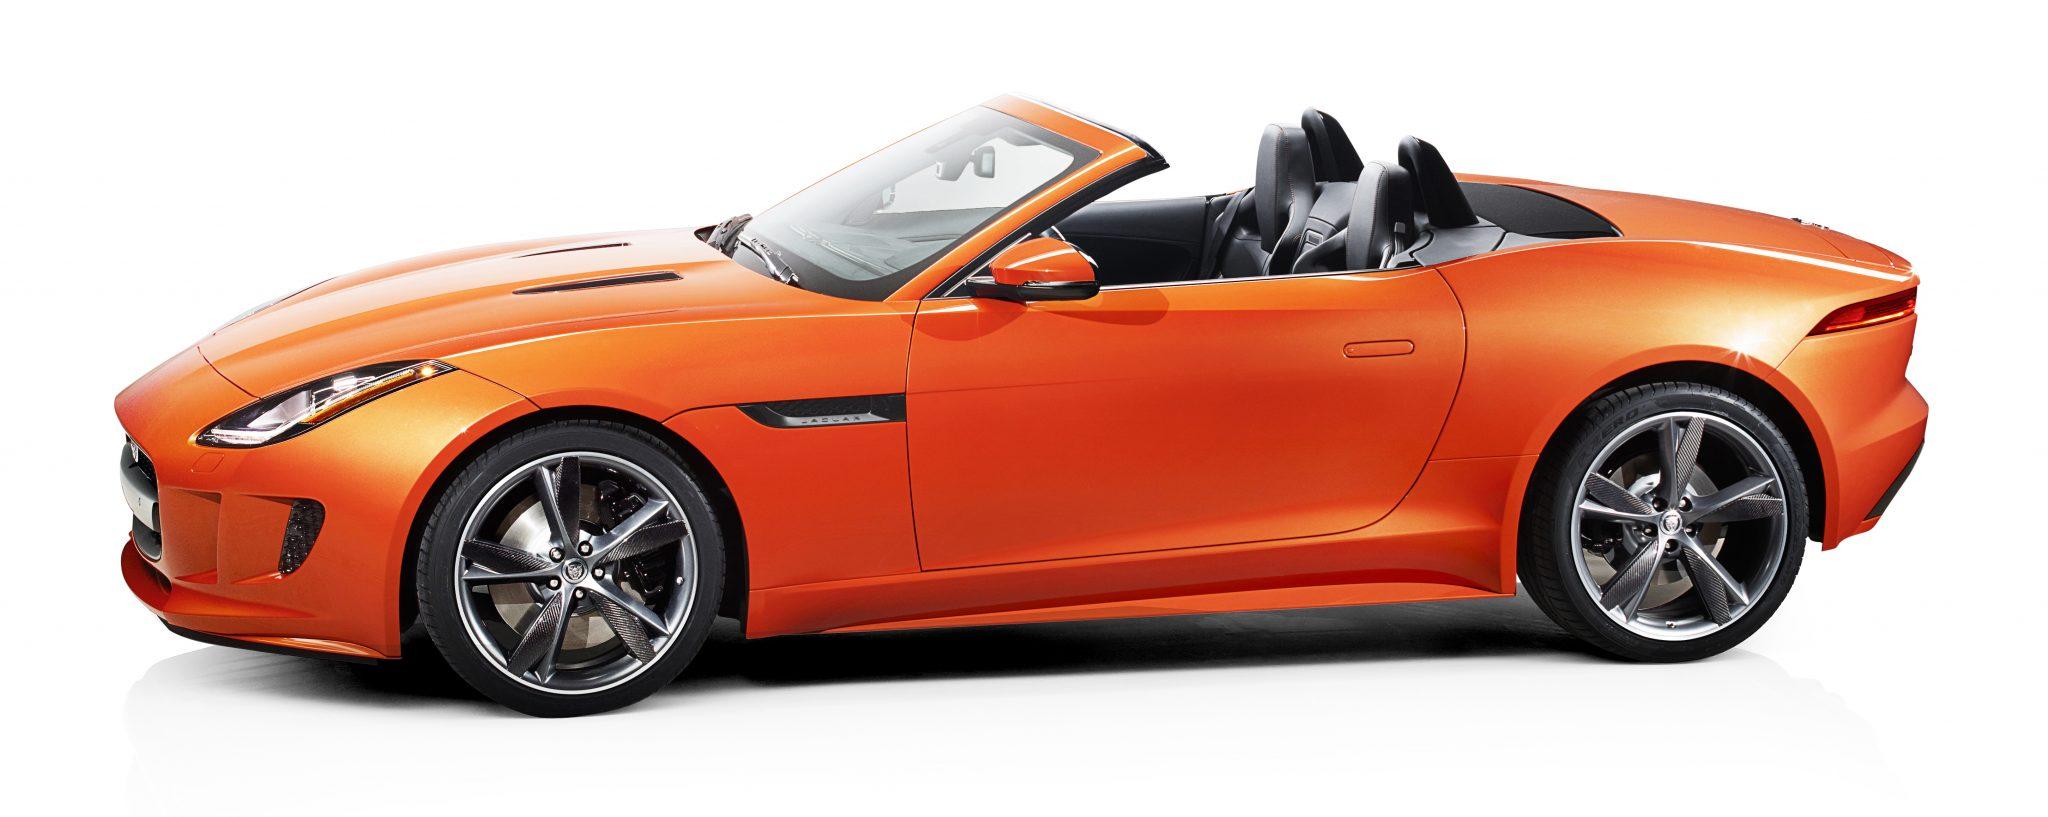 Jaguar F-type oranje